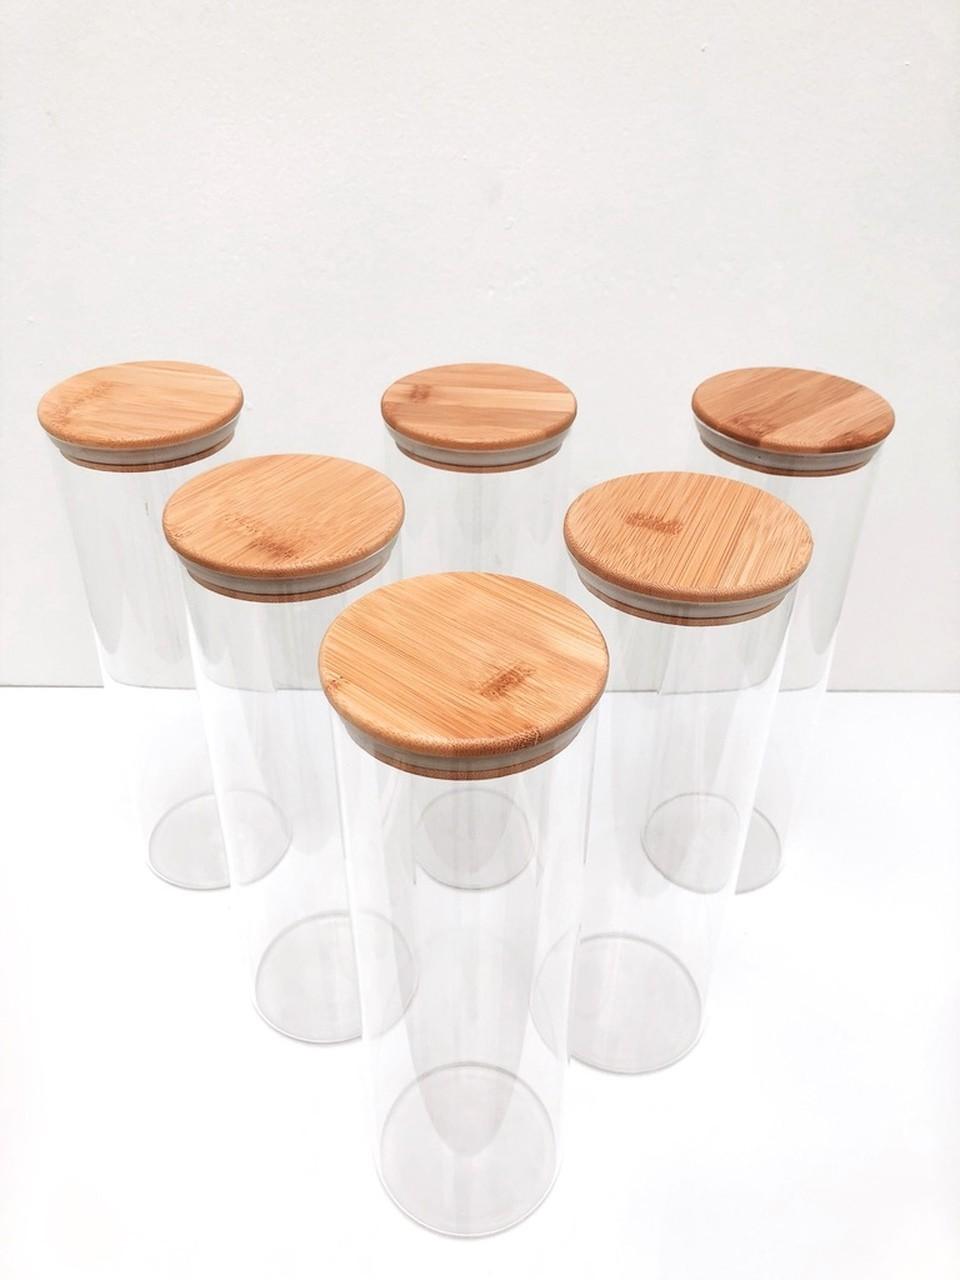 Kit Pote de Vidro com Tampa de Bambu 2000ml - 6 Peças  - CASACOBRE